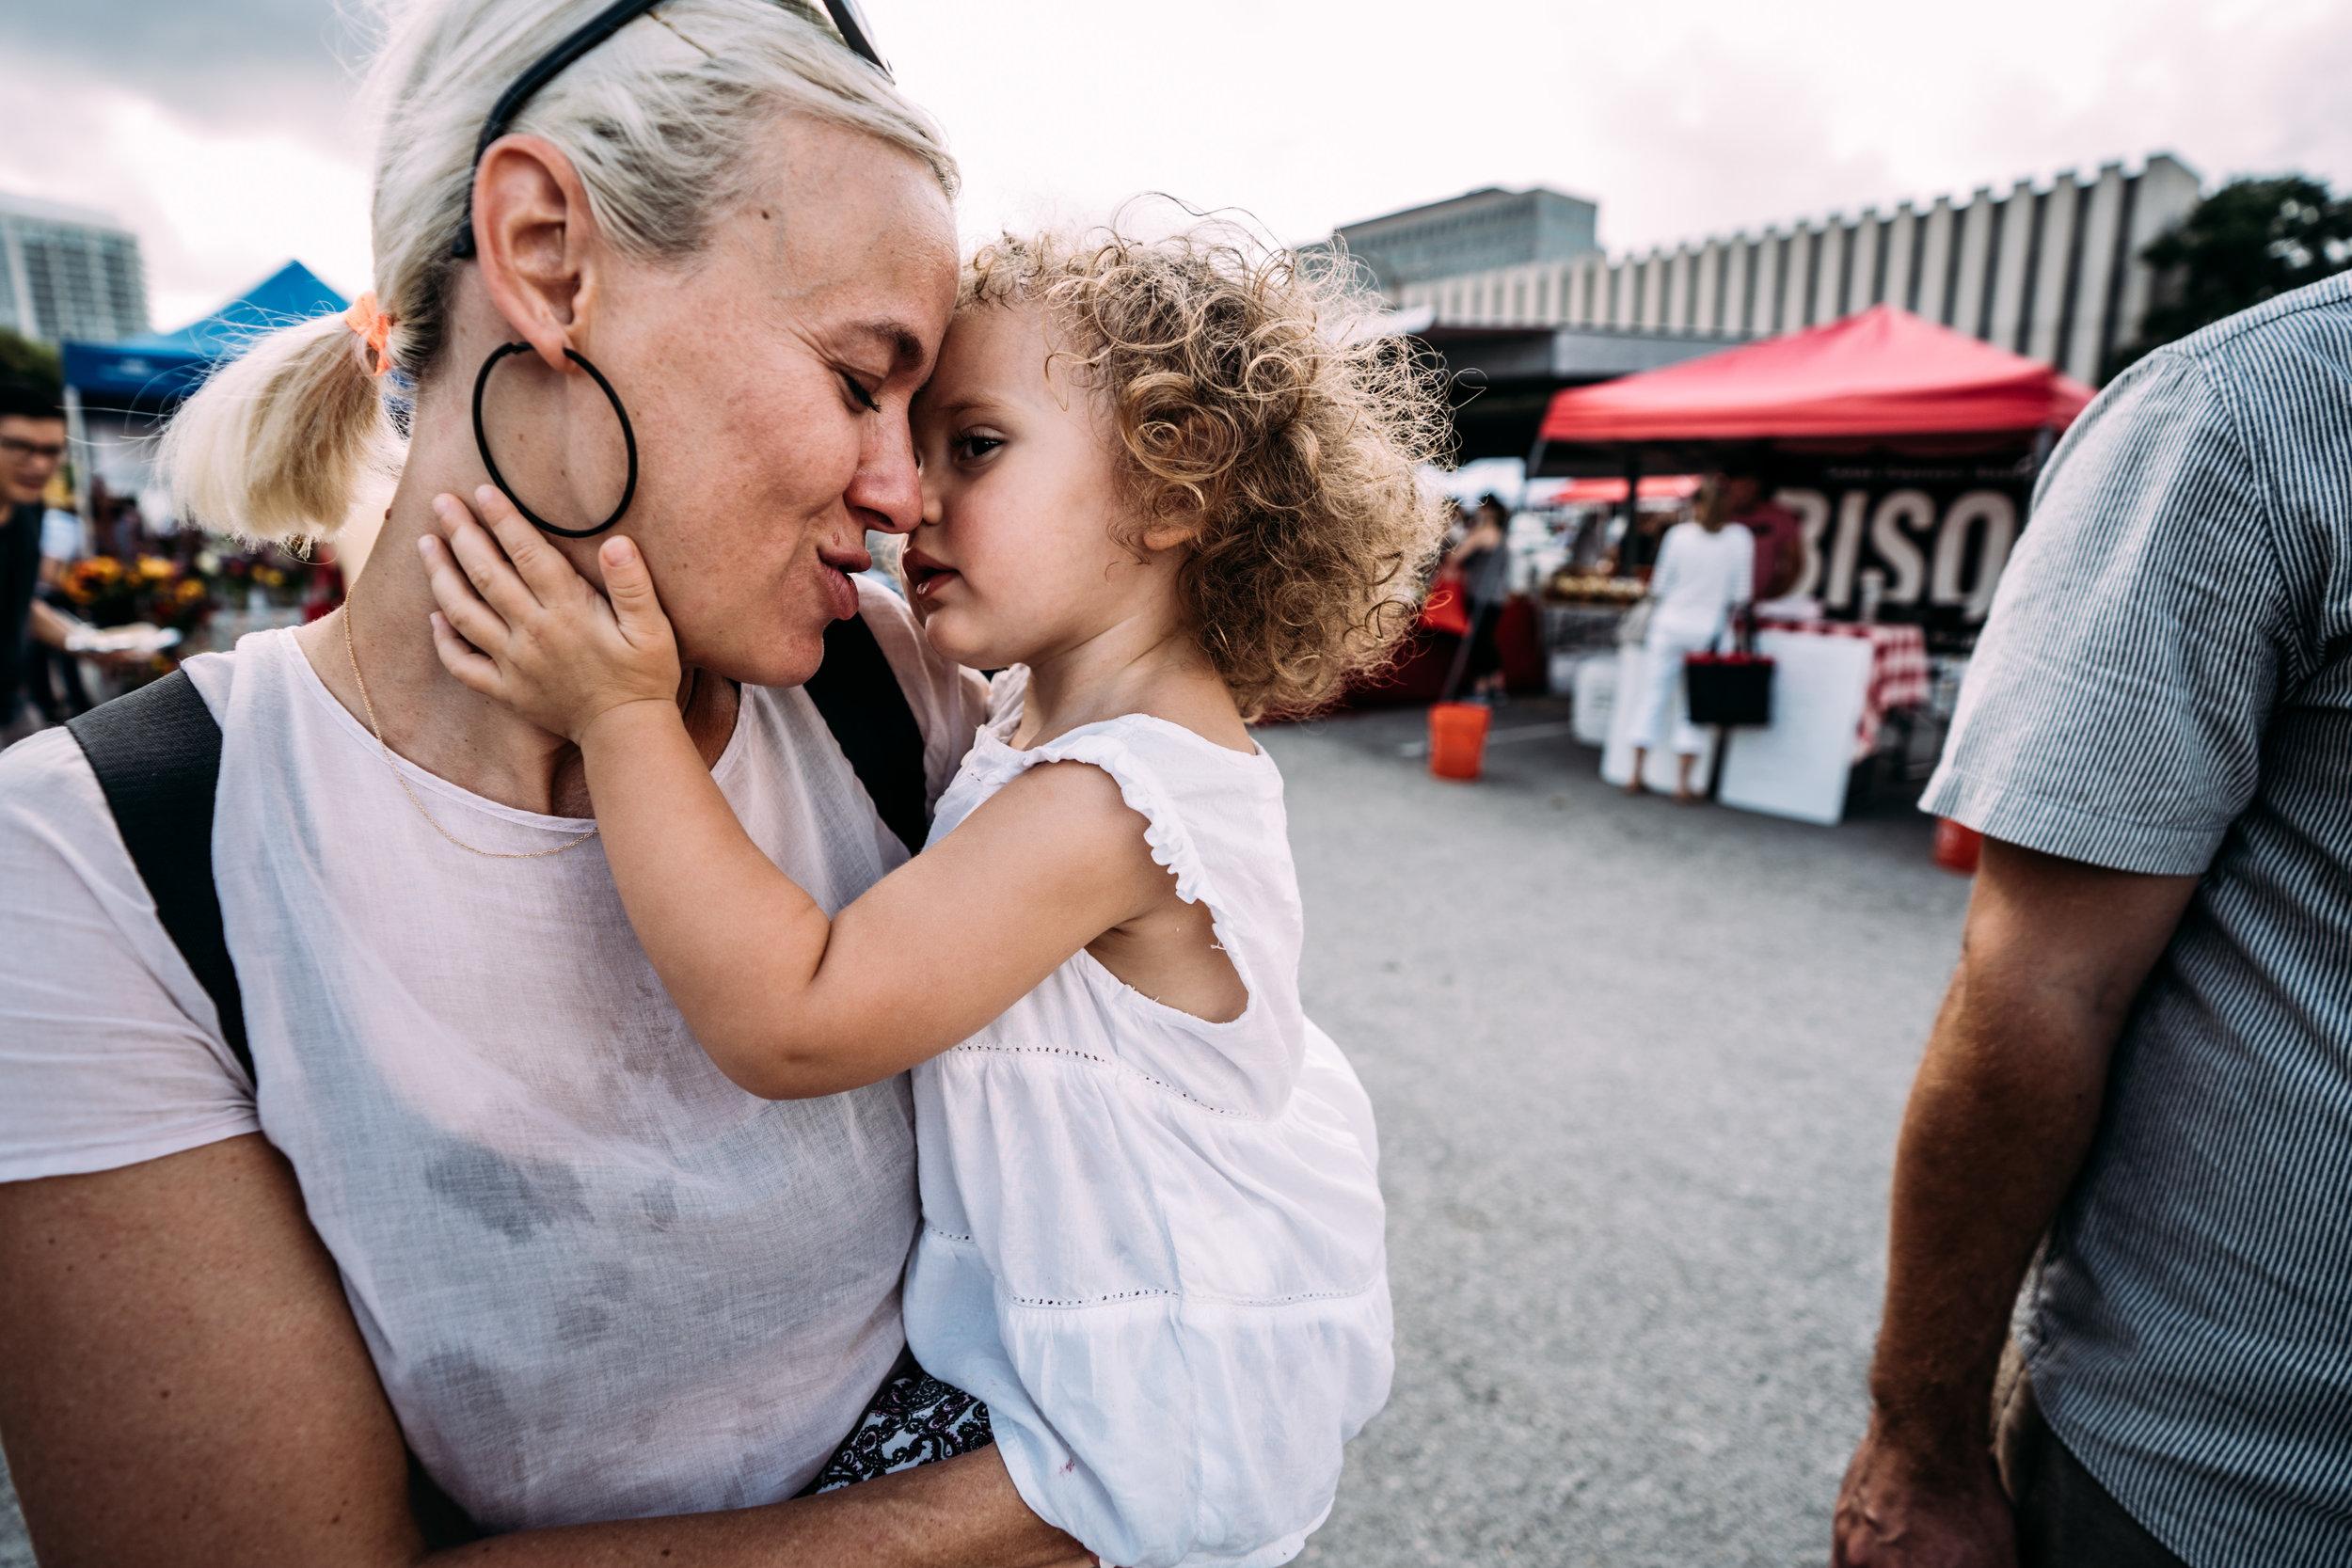 Little girl caresses her mom's face.